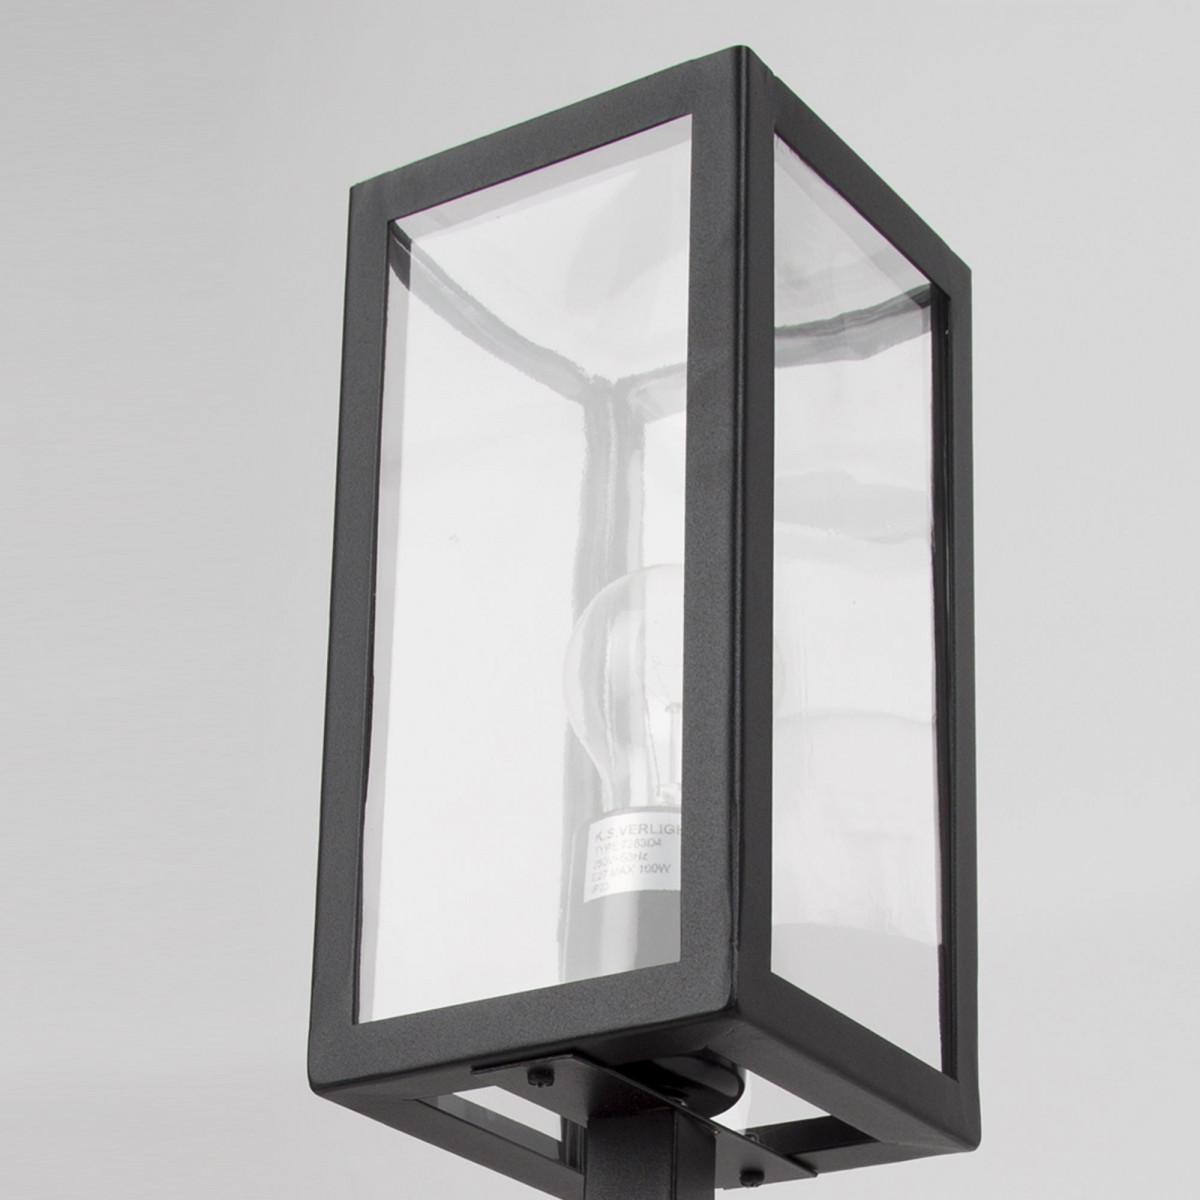 Tuinlamp Huizen 7283D4,  zwarte staande tuinlantaarn, design moderne tuinverlichting, zwart frame heldere beglazing, box design 51cm hoog